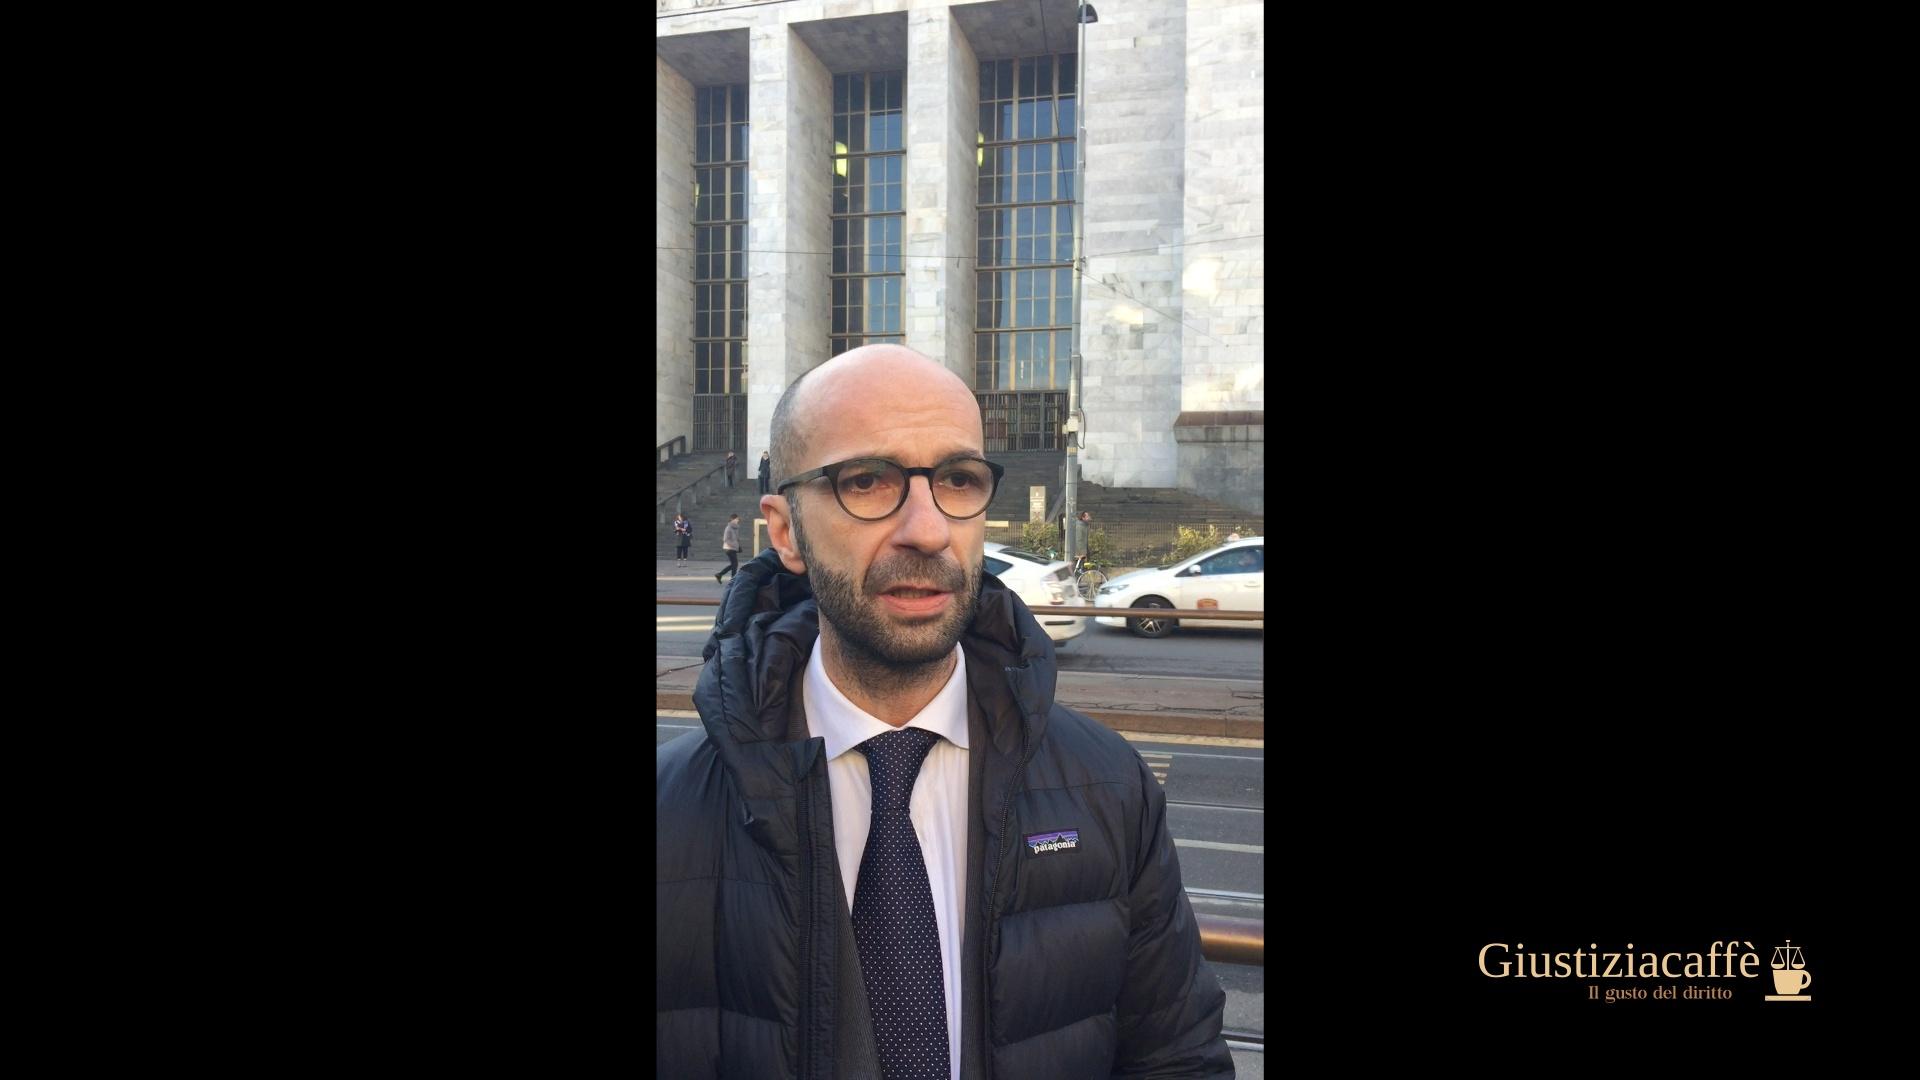 La protesta per i braccialetti elettronici – Eugenio Losco, Camera penale Milano